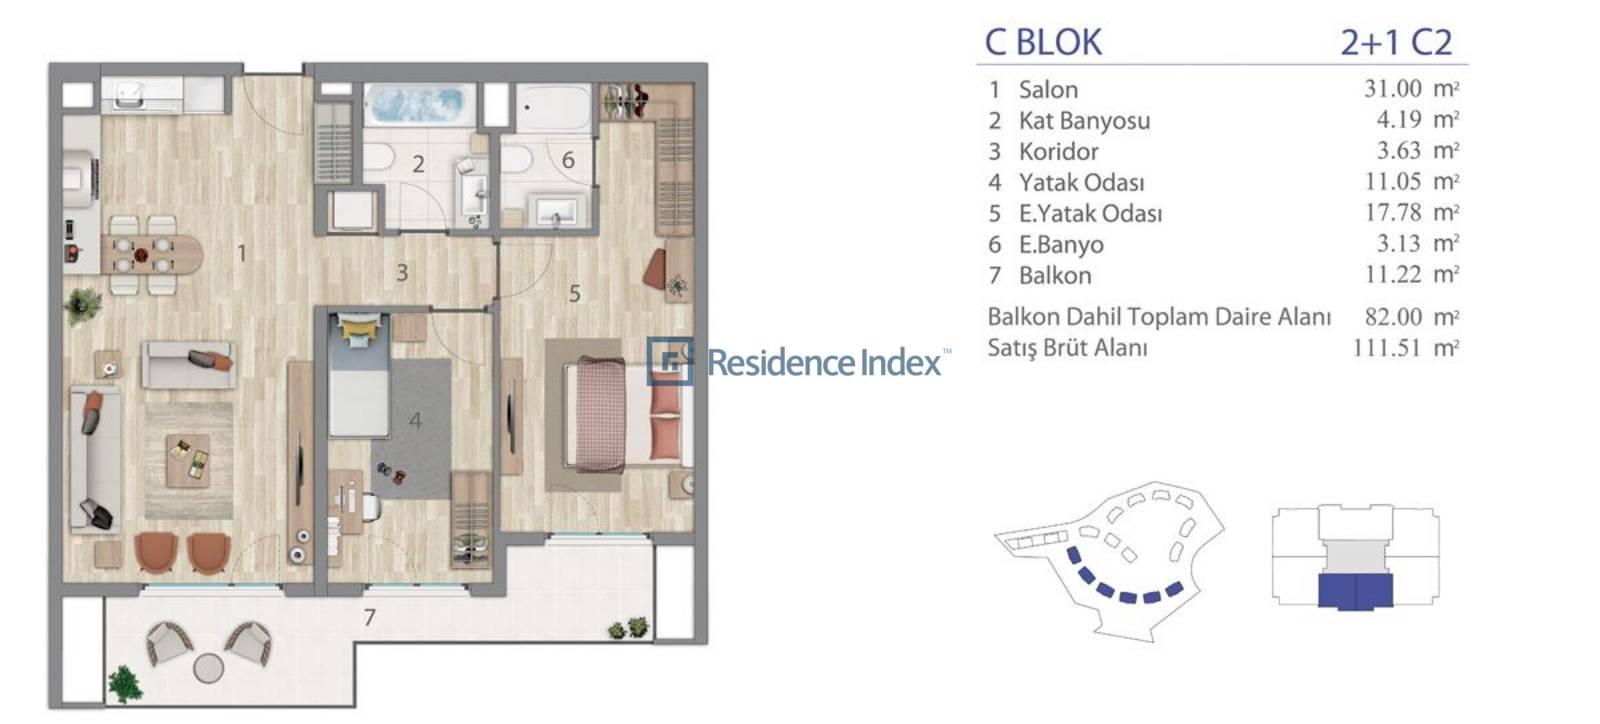 5.LEVENT C Blok C2